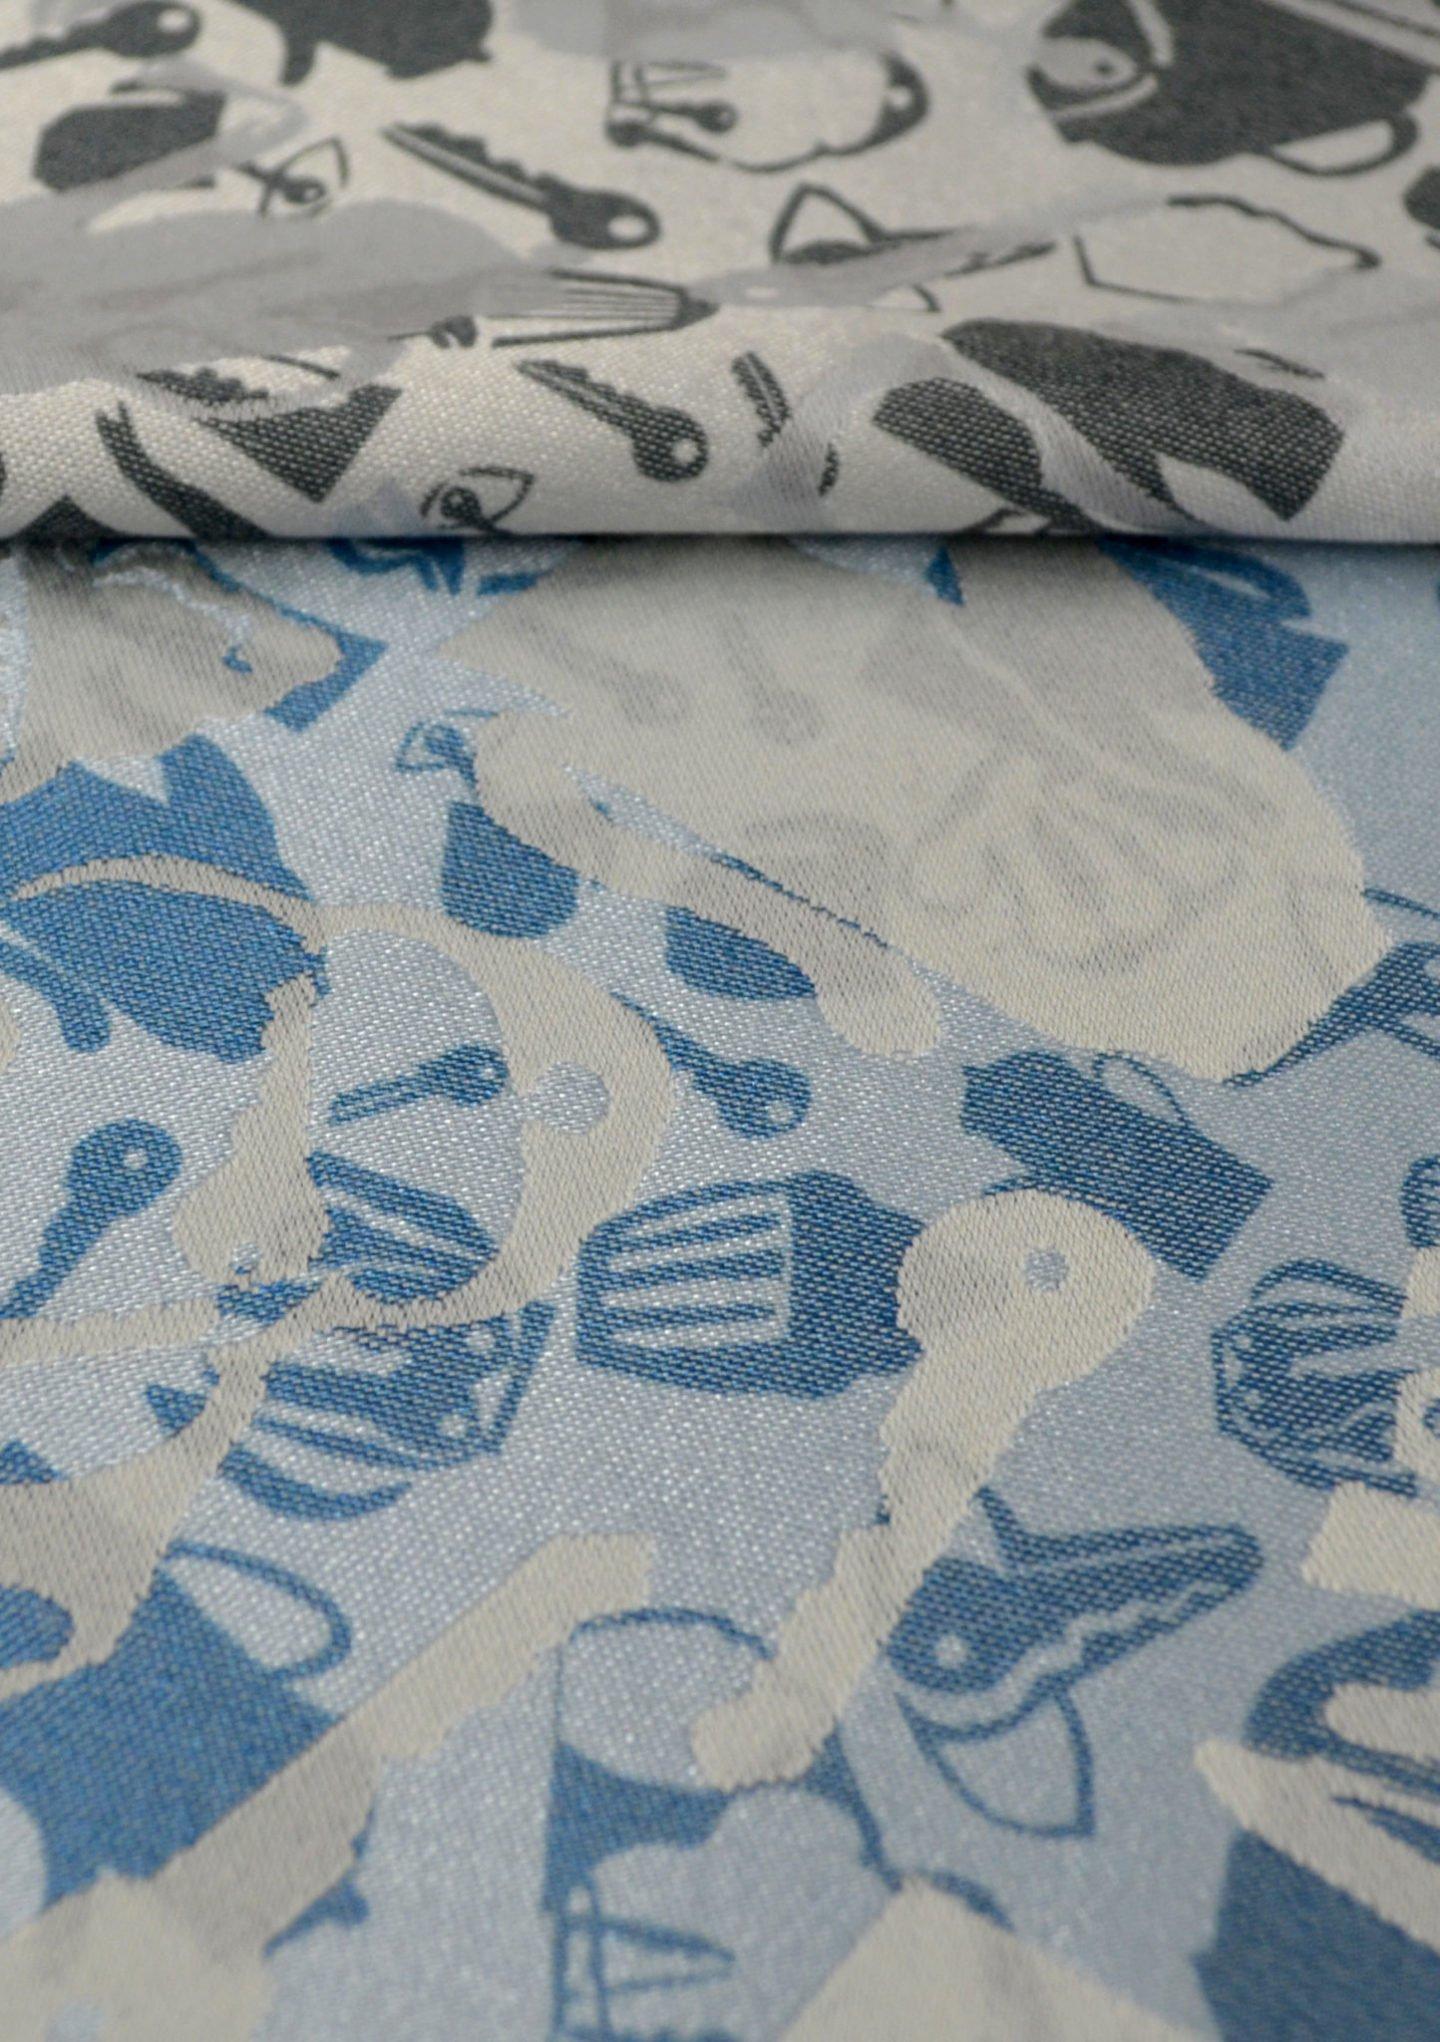 Petite Joie Jaquard Tischwäsche Detail schwarz silber blau